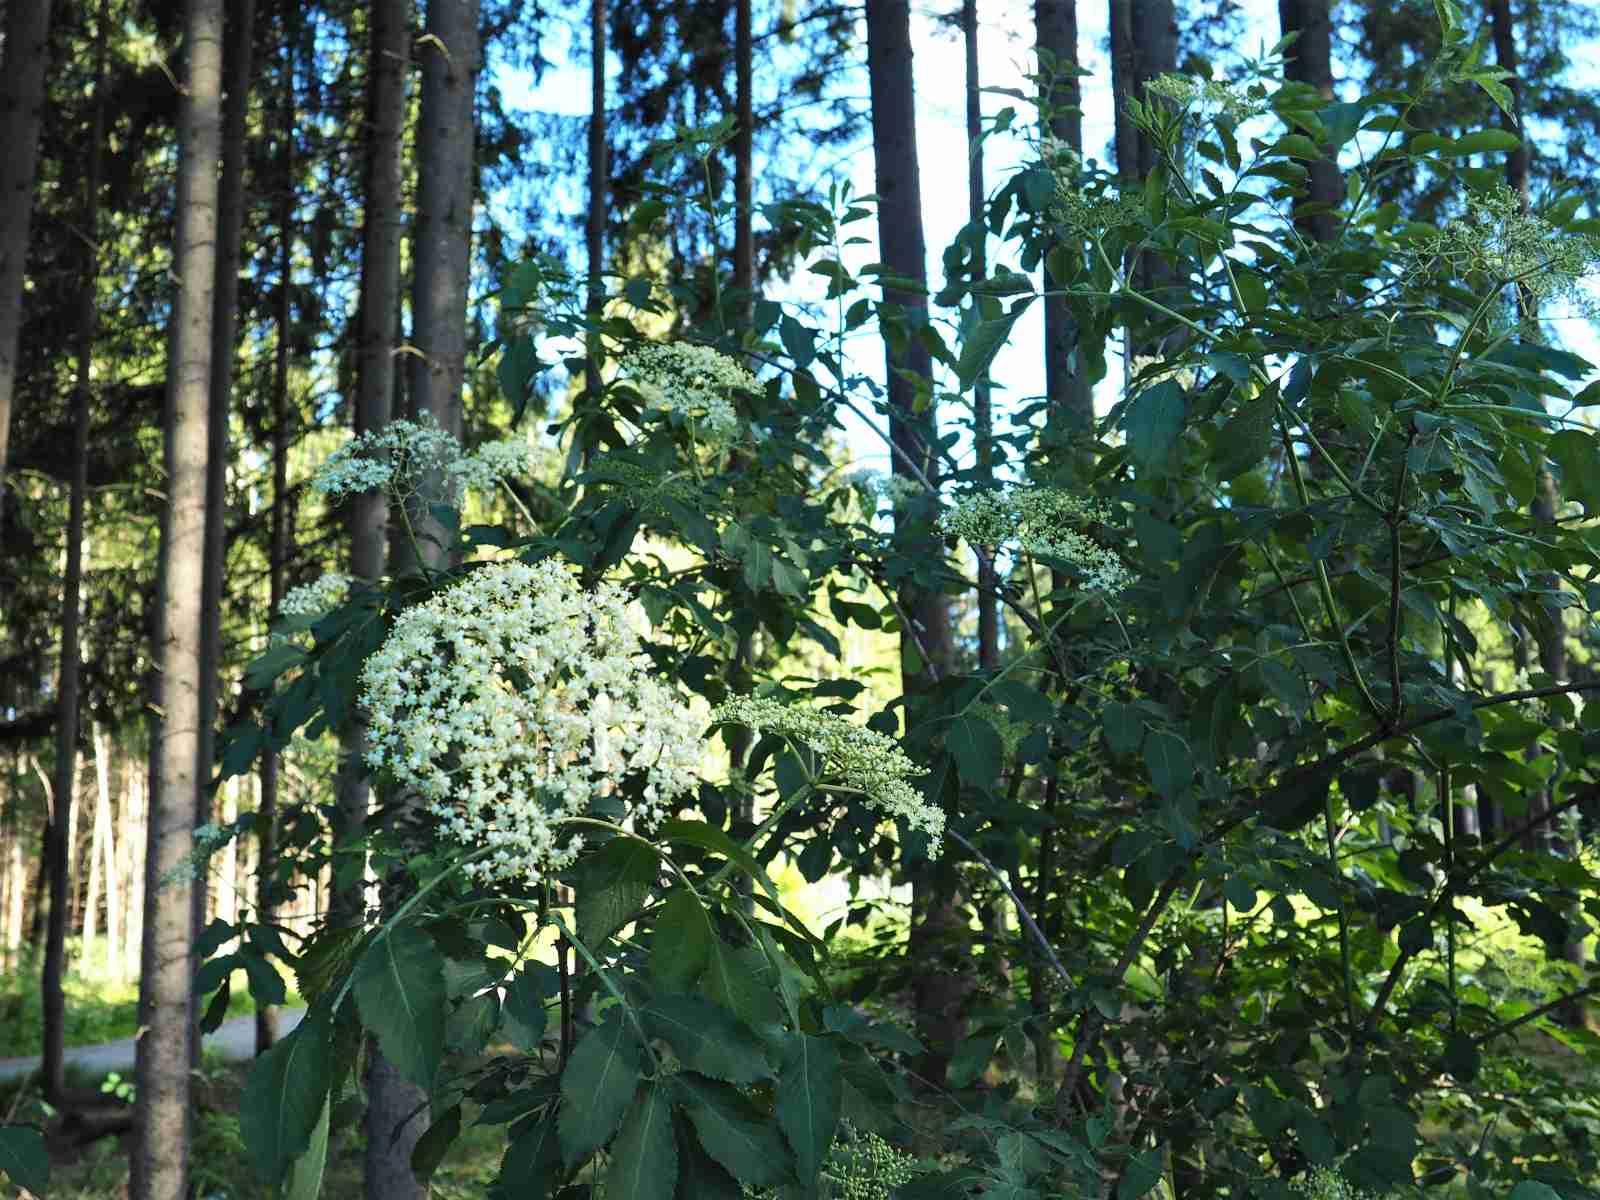 Holunderblüten in der Natur